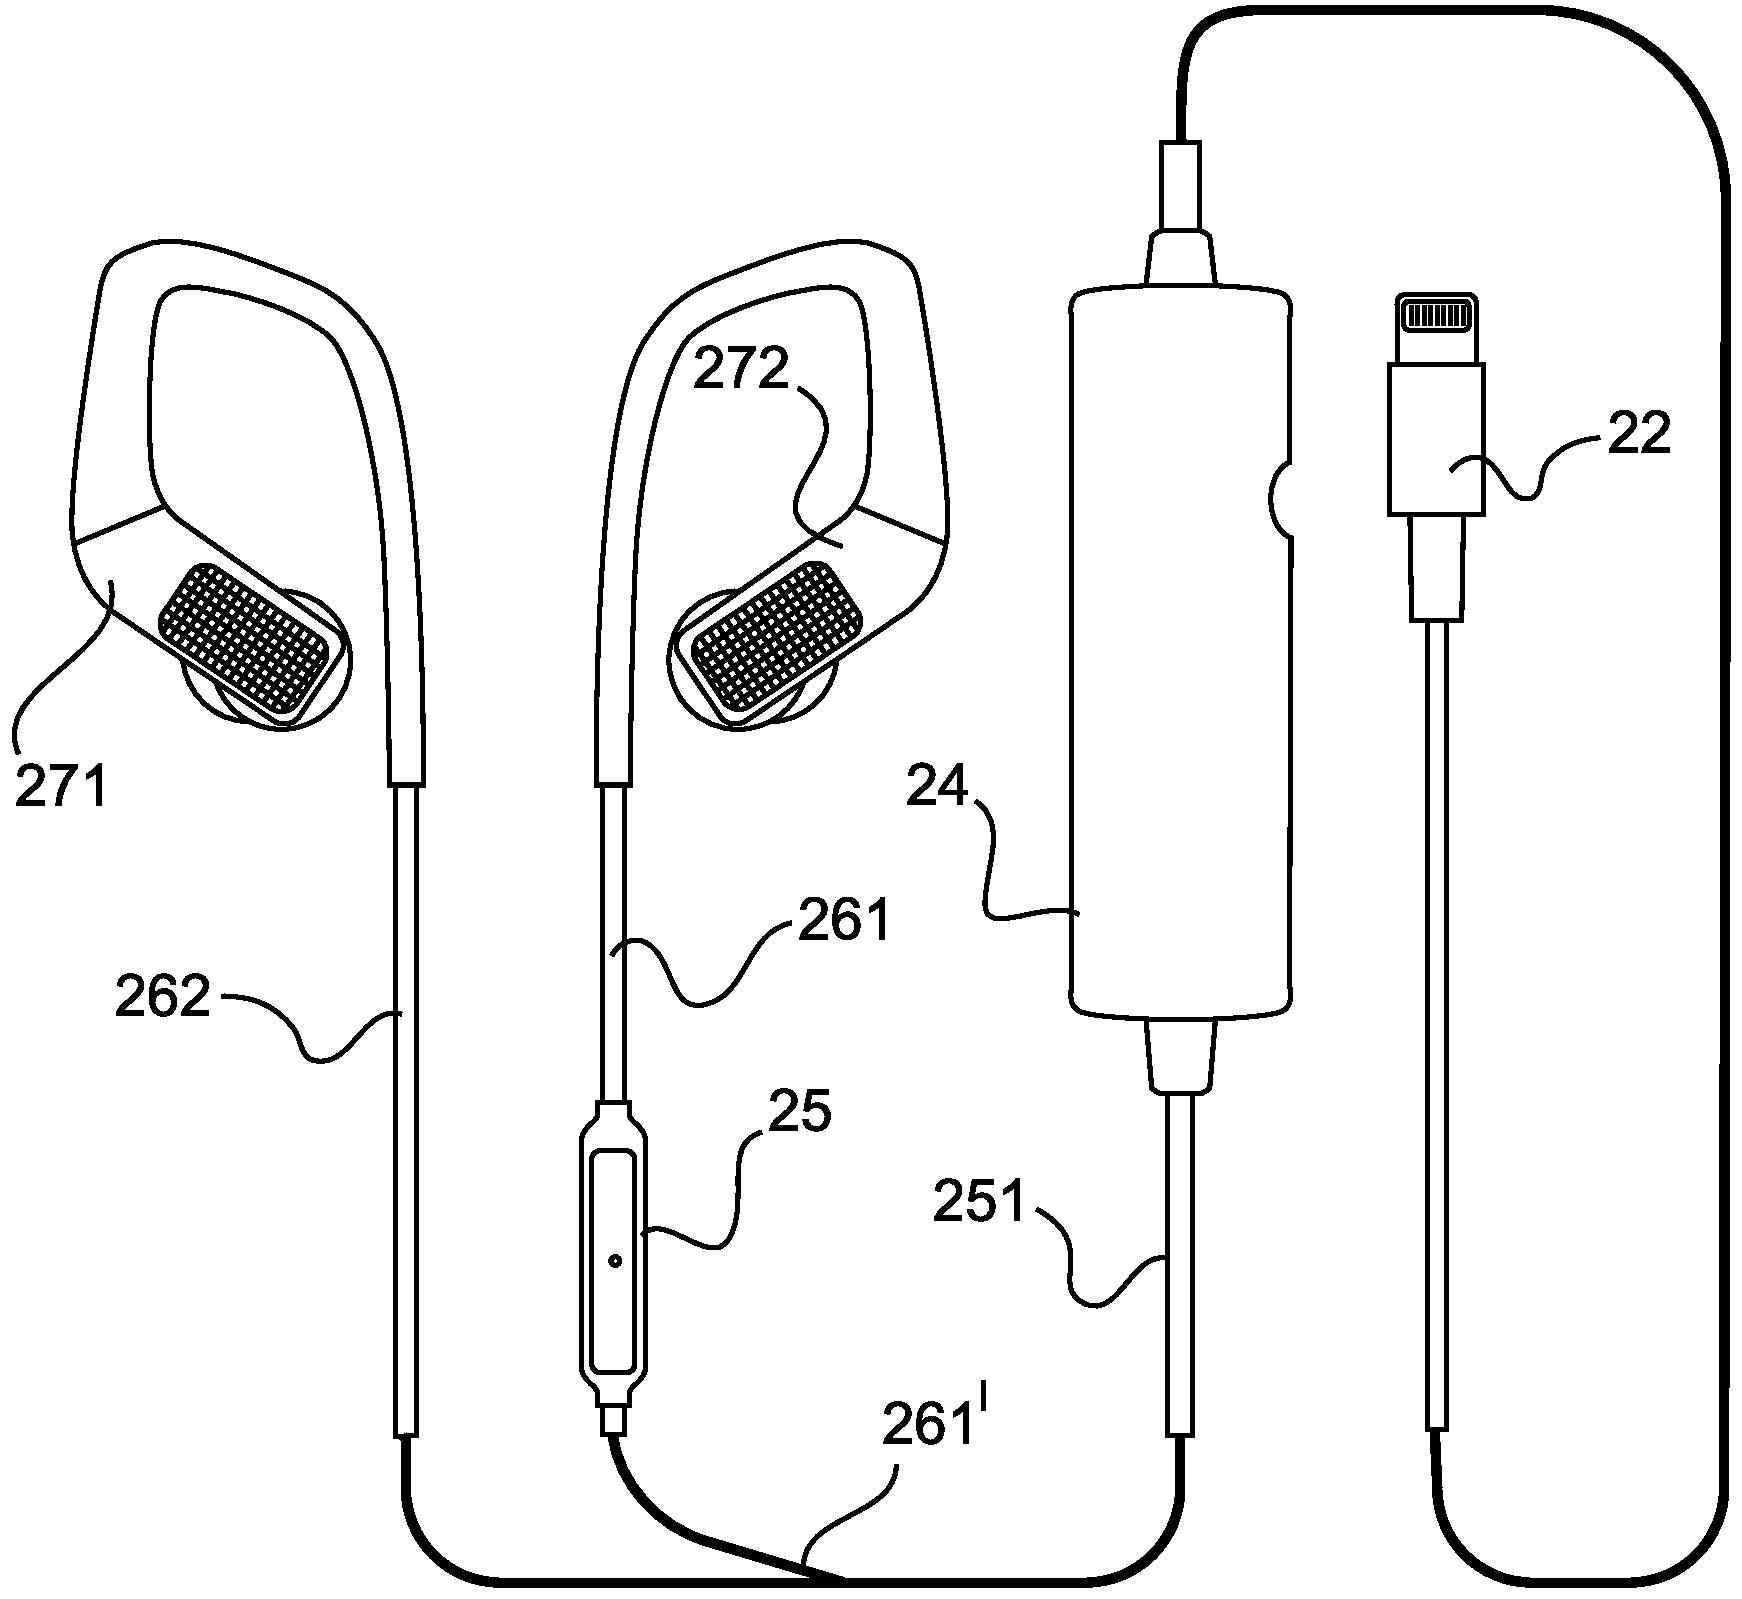 Figure DE102017105767A1_0000